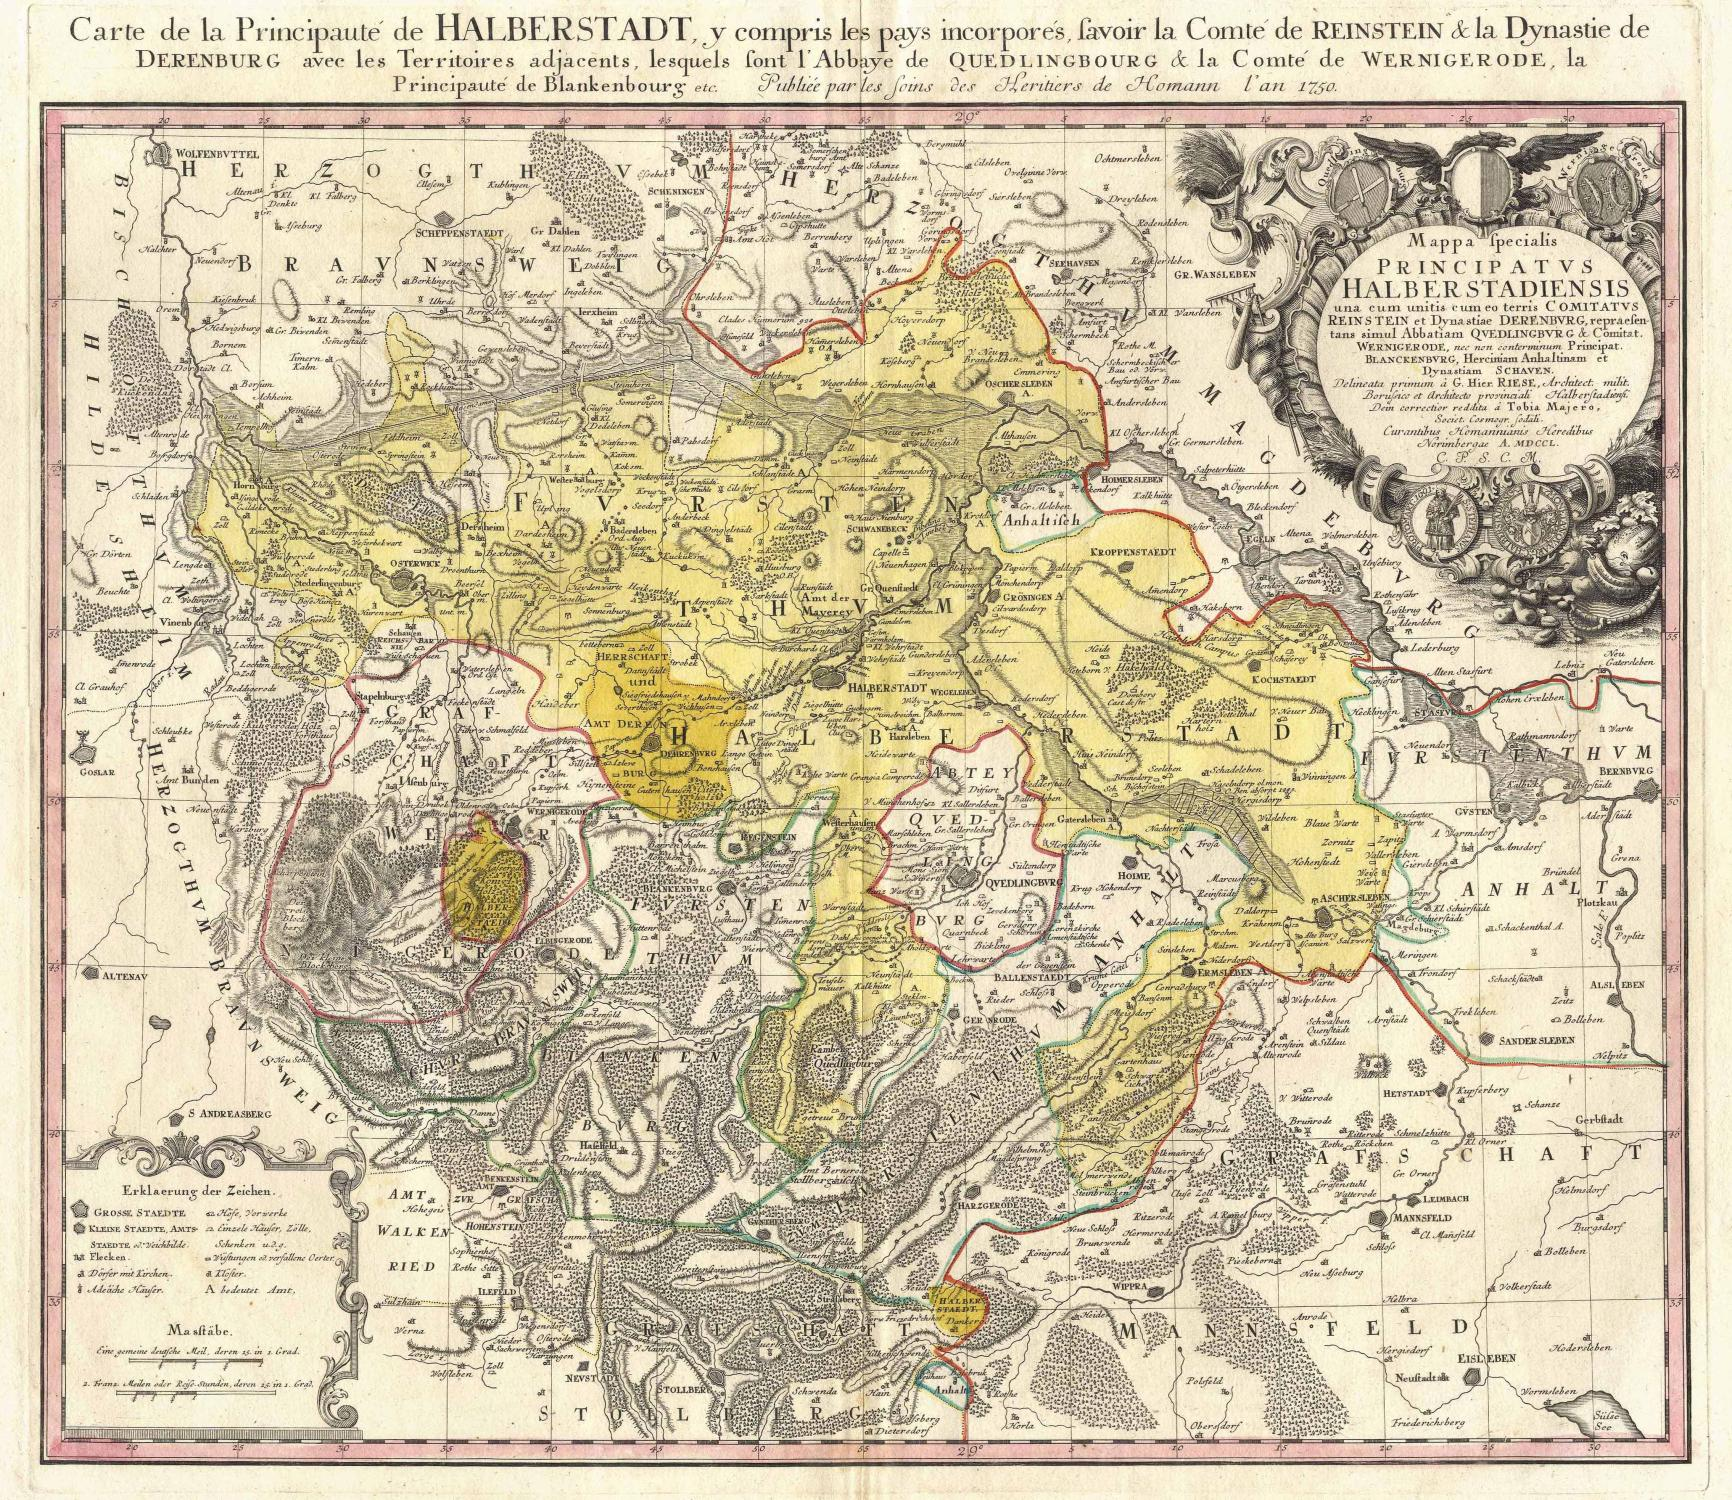 Carte De La Principaute De Halberstadt Y Compris Les Pays